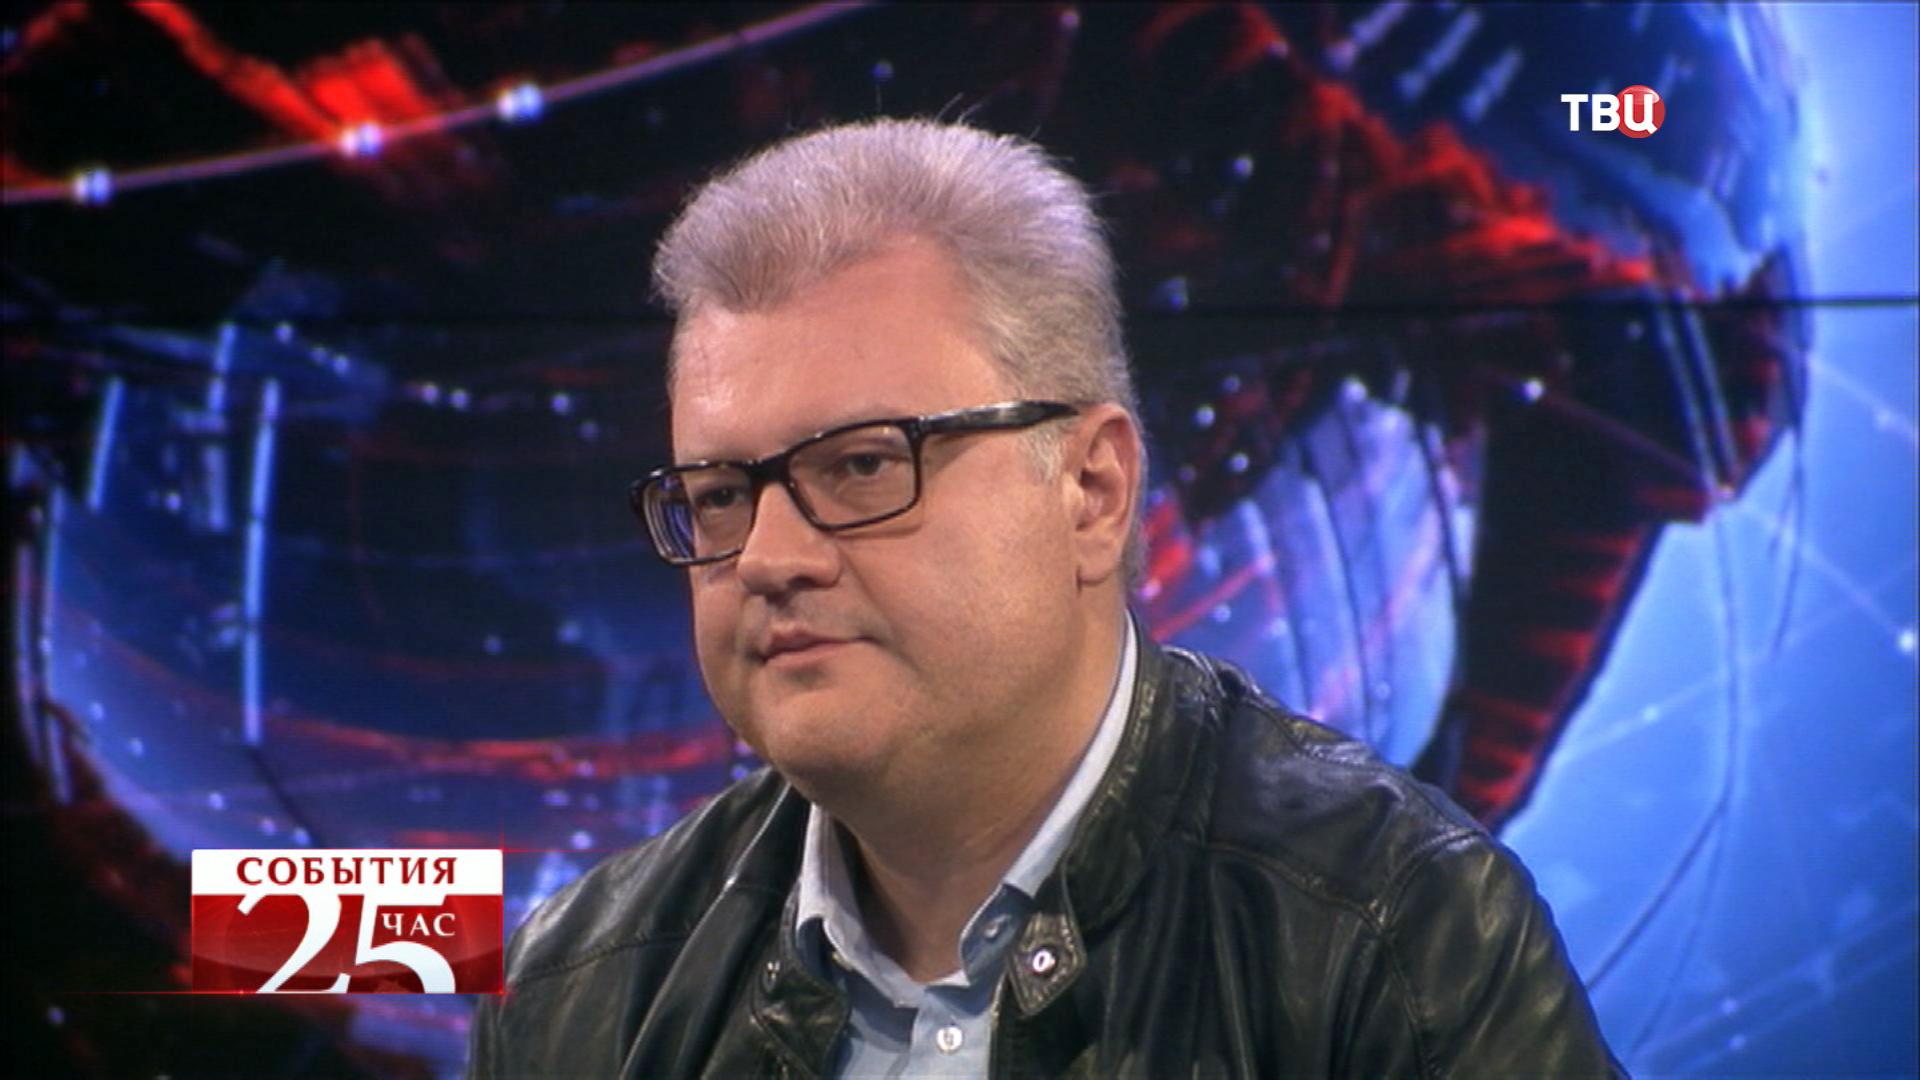 Политолог, генеральный директор Агентства политических и экономических коммуникаций Дмитрий Орлов